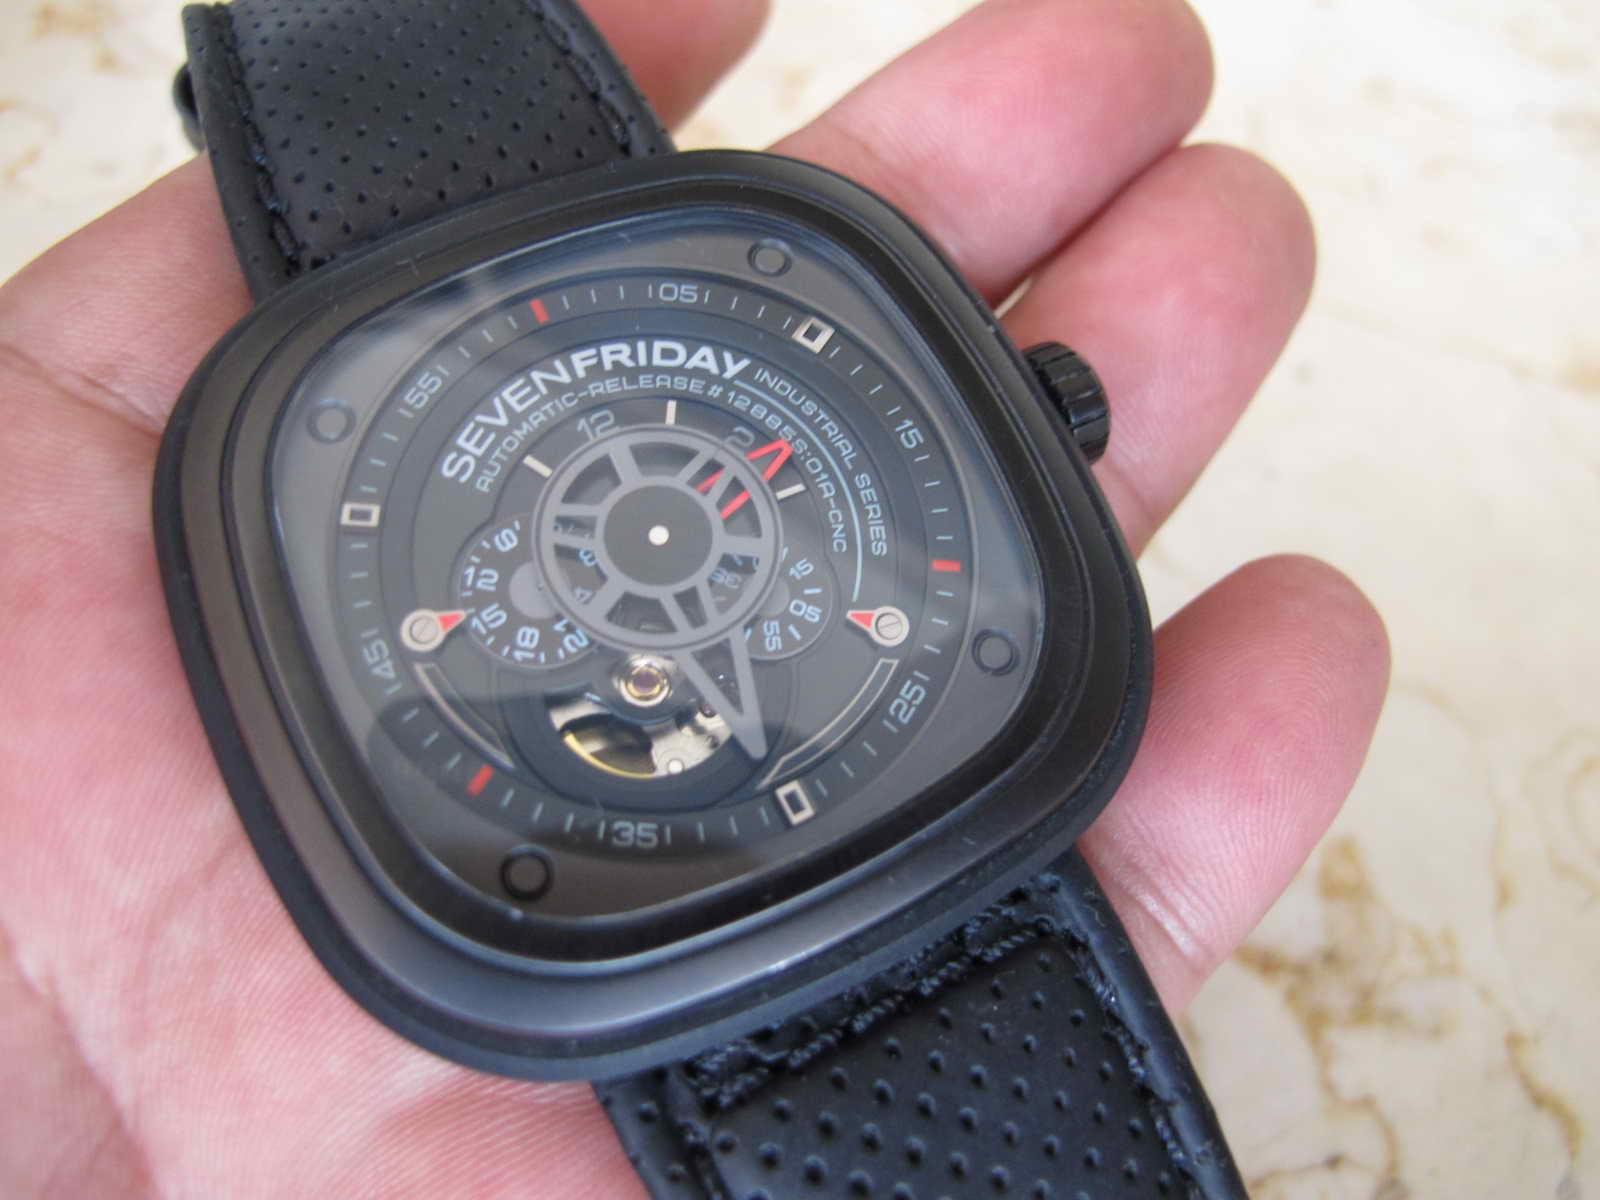 Very nice and unique Seven Friday Watch Cocok untuk Anda yang sedang mencari jam tangan dengan bentuk Kotak Semi Skeleton